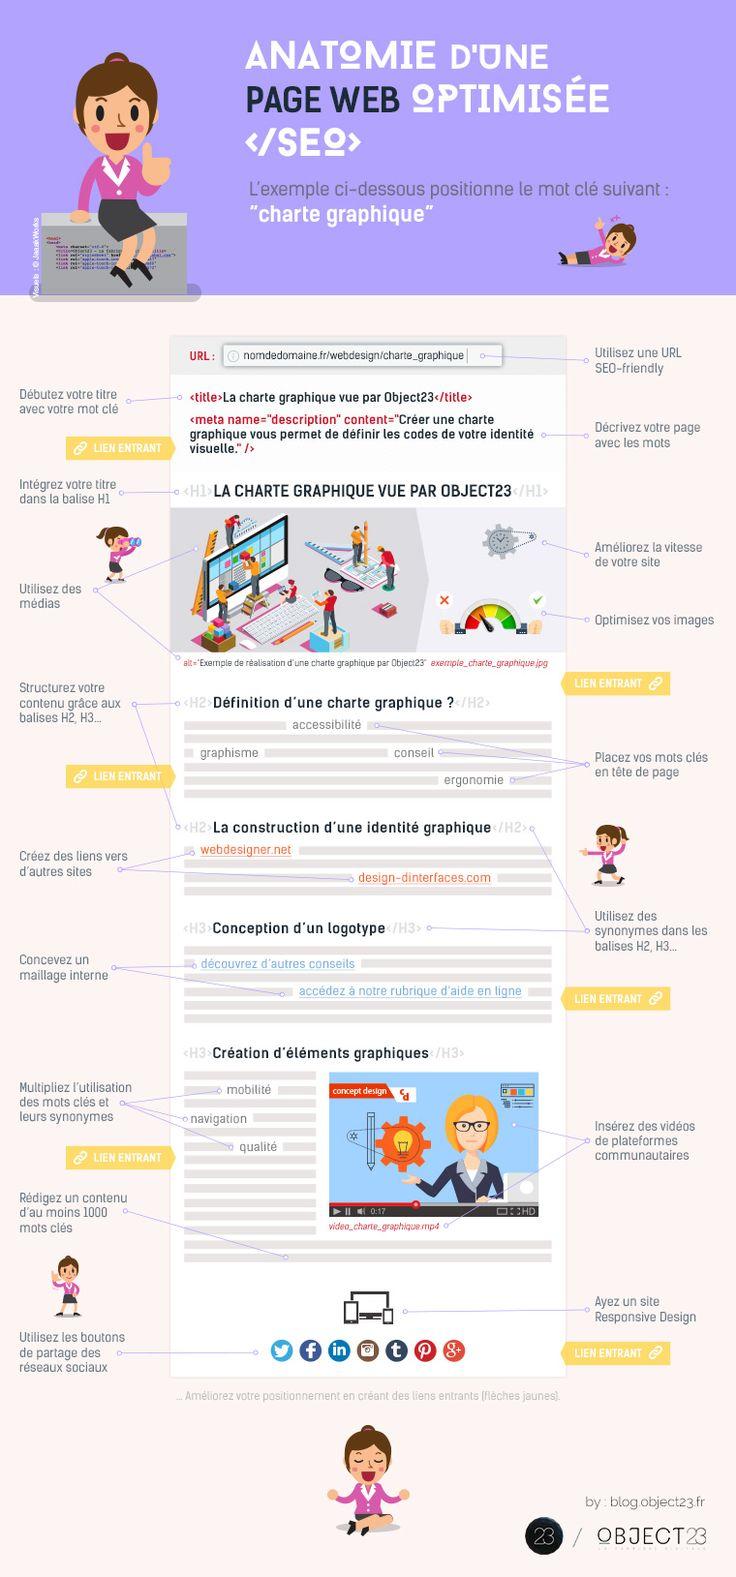 9 décembre 2016 - Une jolie illustration qui propose les actions 'on page' de base à mettre en place sur une page web pour qu'elle soit bien analysée et comprise par Google. par Actualité Abondance